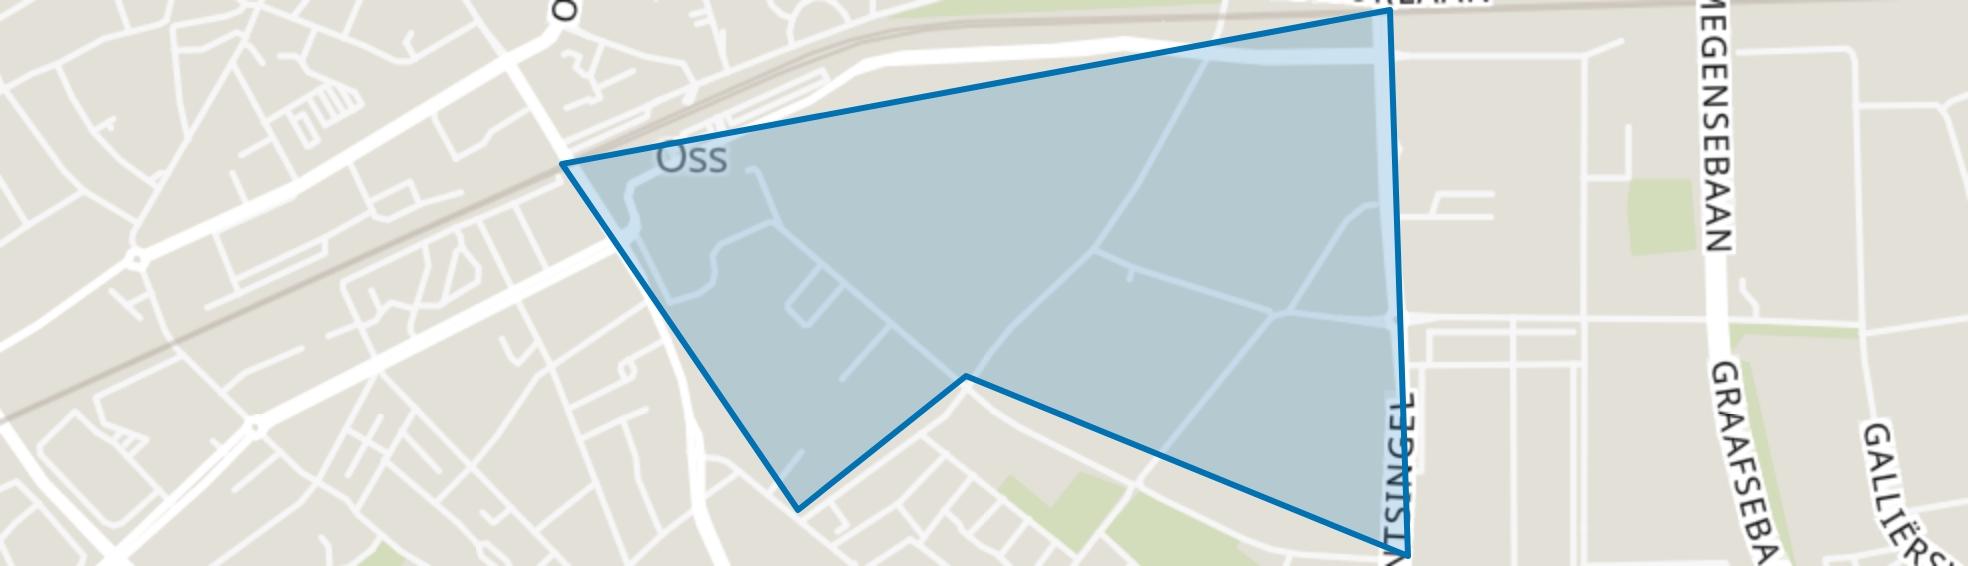 Moleneind, Oss map